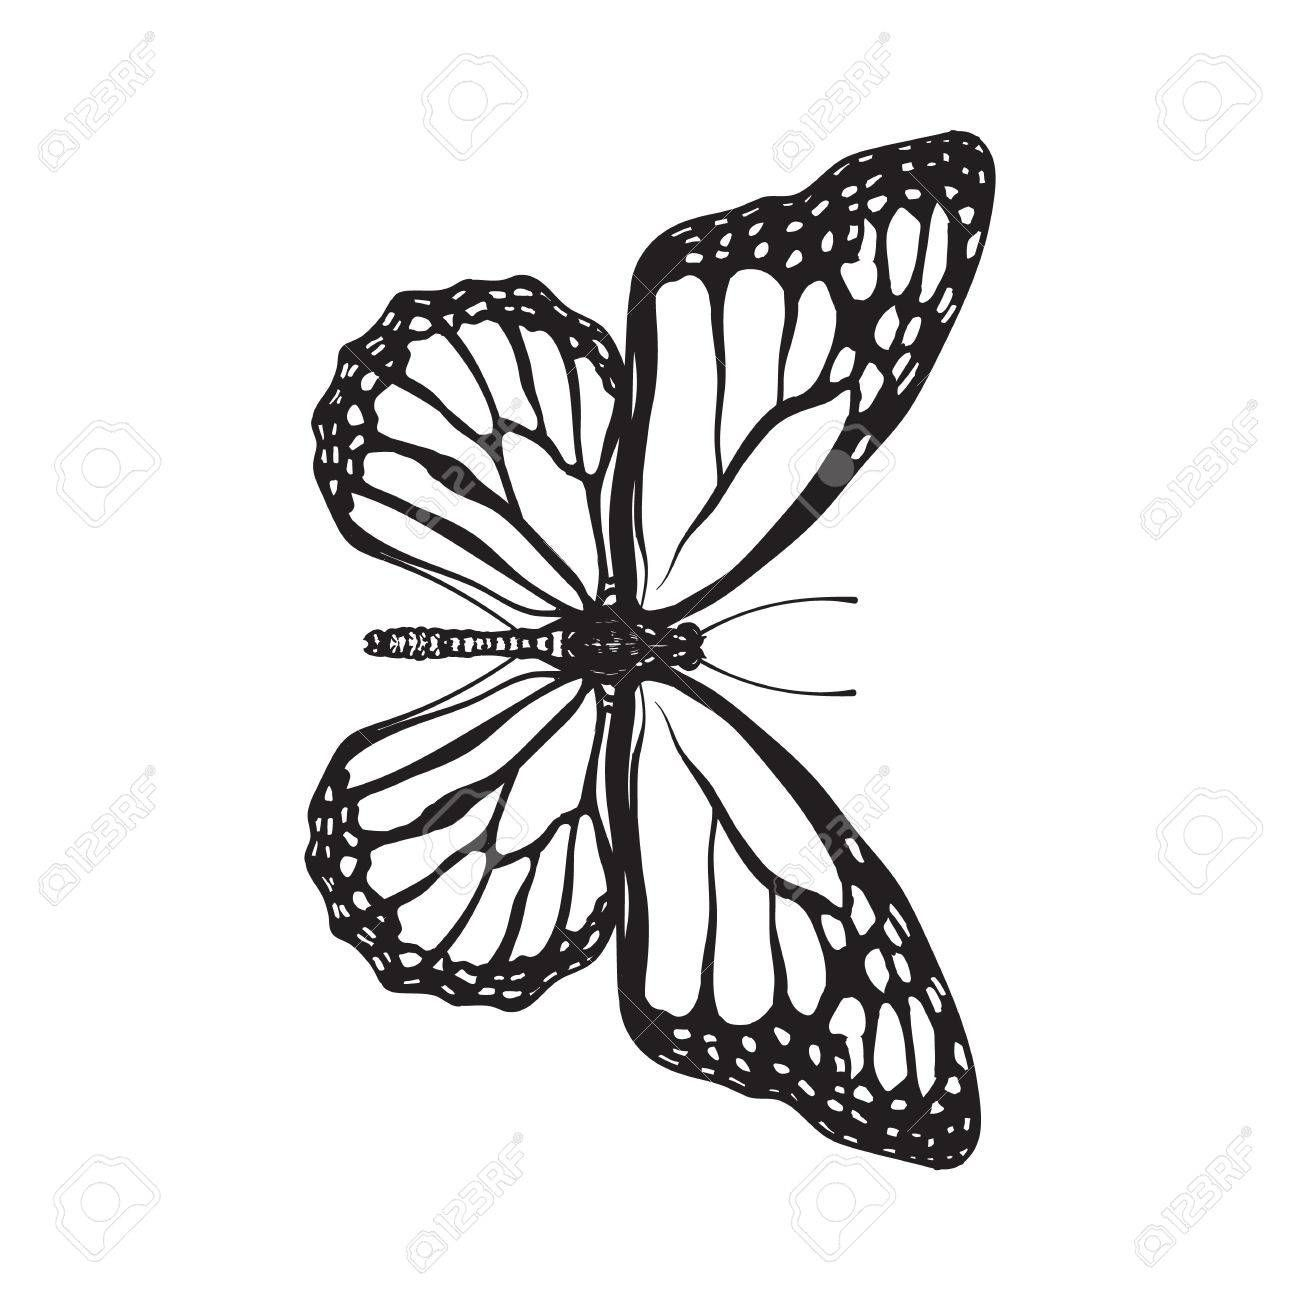 Vista Superior De Hermosa Mariposa Monarca La Ilustracion Boceto Aislado En El Fondo Blanco Blanco Butterfly Tattoo Designs Butterfly Sketch Butterfly Drawing